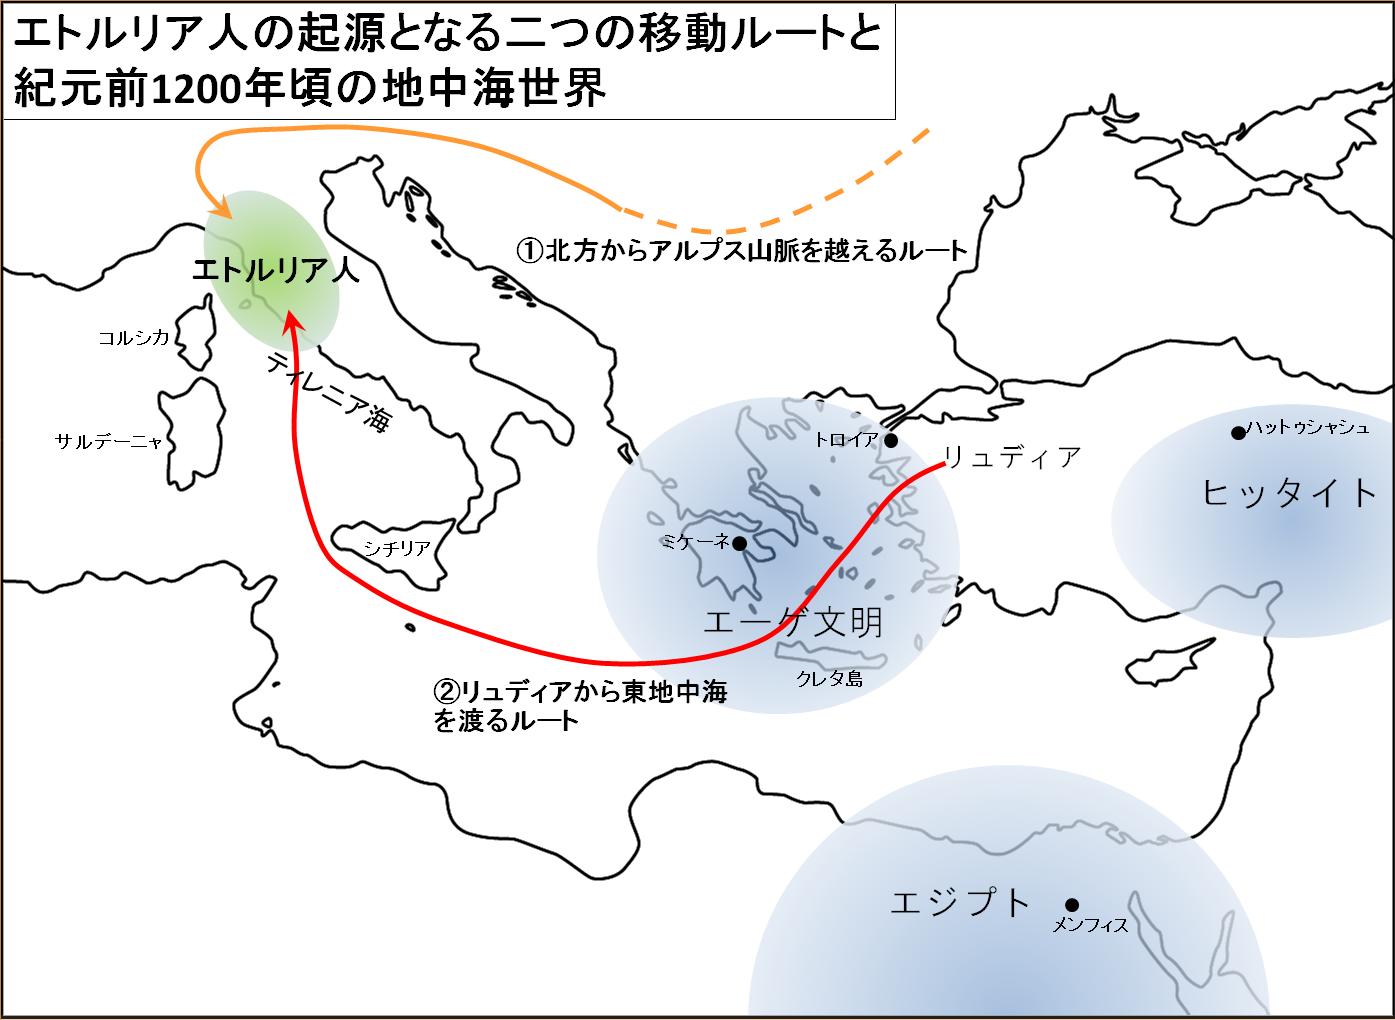 エトルリア人の起源とは?①陸路と海路の二つの移動ルートと三つの仮説